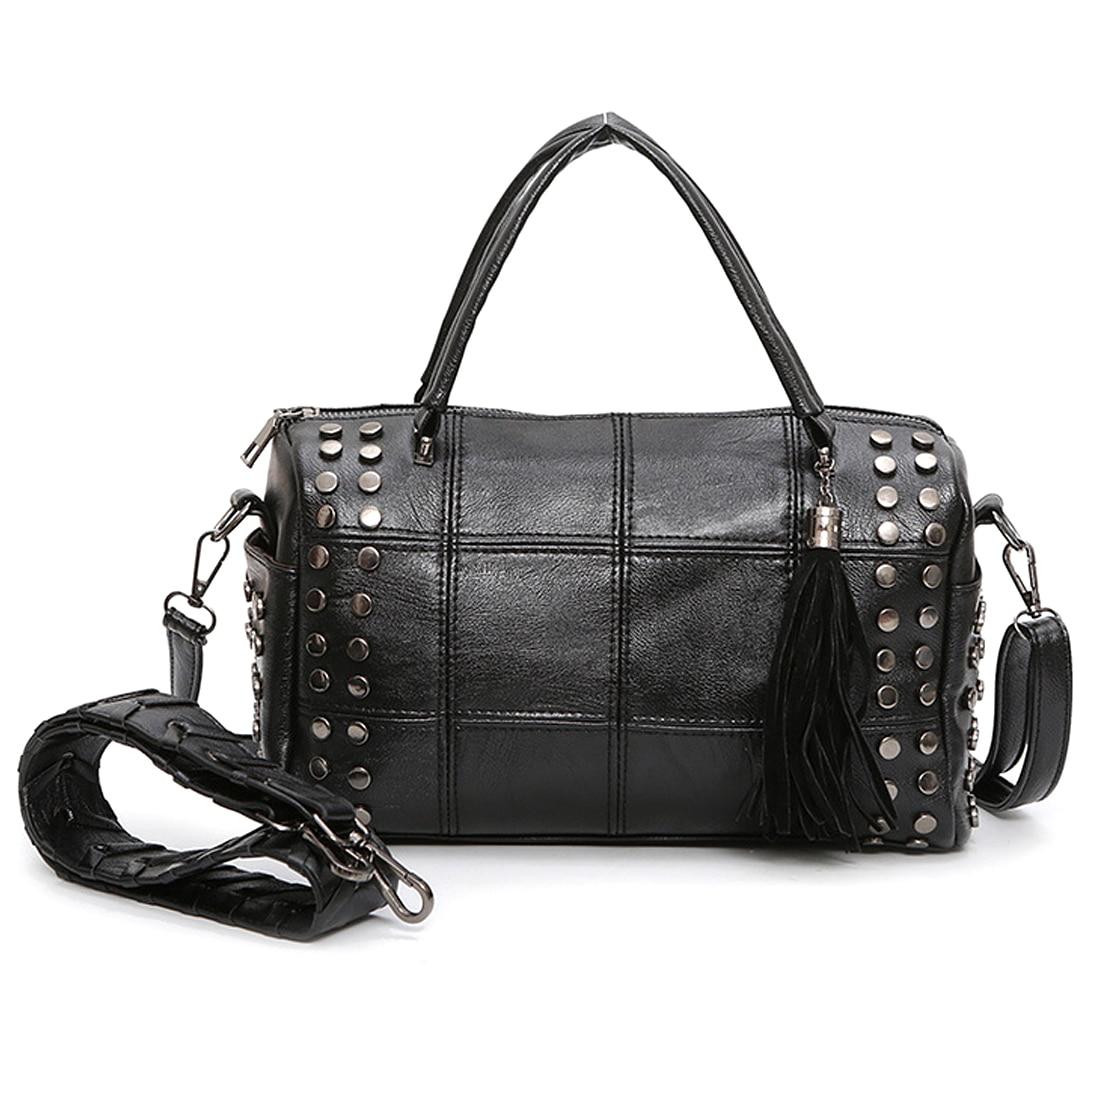 Заклепки Ленточки сумка спортивная Искусственная кожа Сумка Для женщин спортивная сумка для фитнеса один сумка